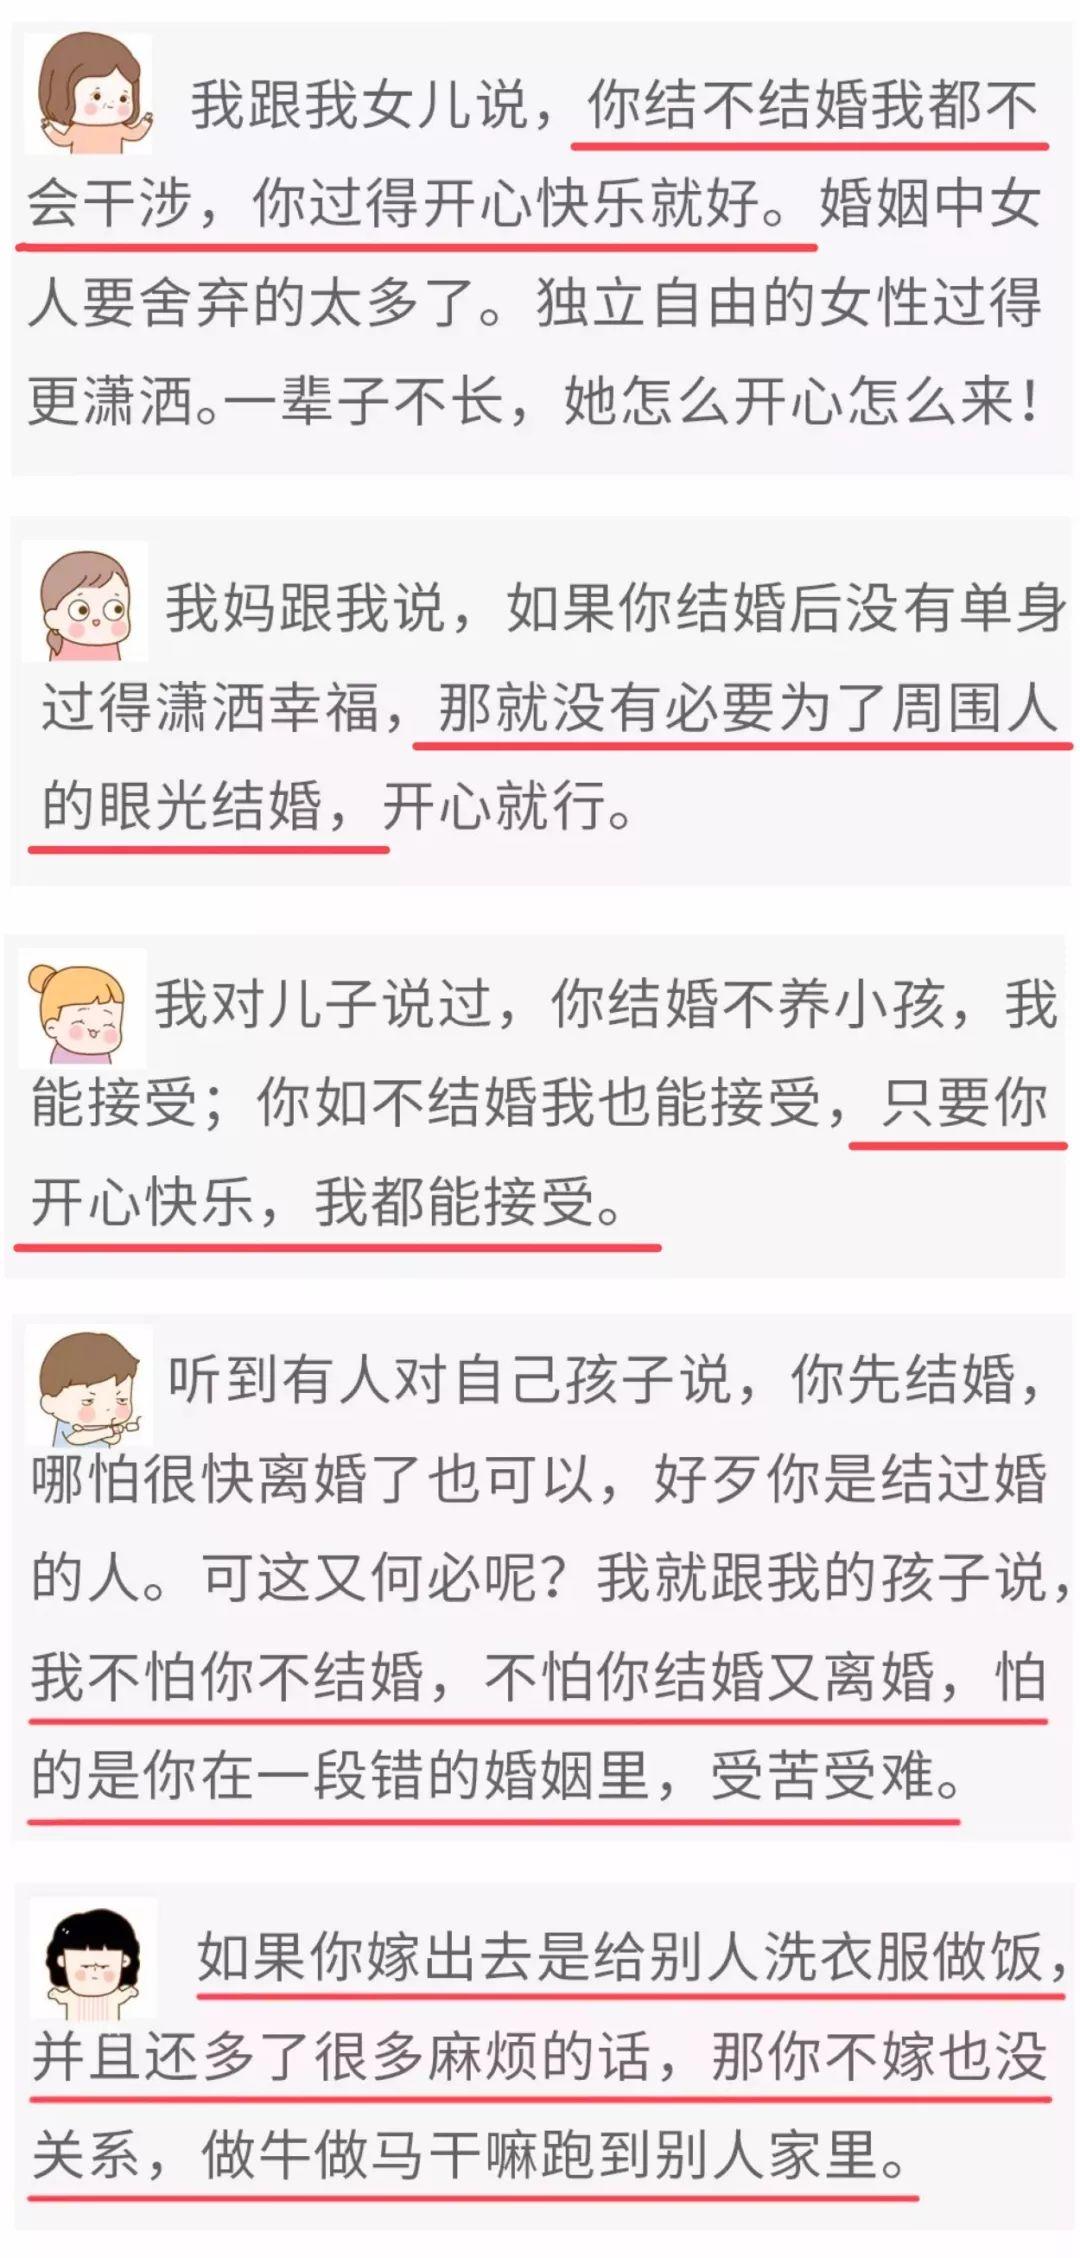 27岁离过婚 or 35岁未婚,哪种女人最受男人欢迎?,冰峰魔恋补全